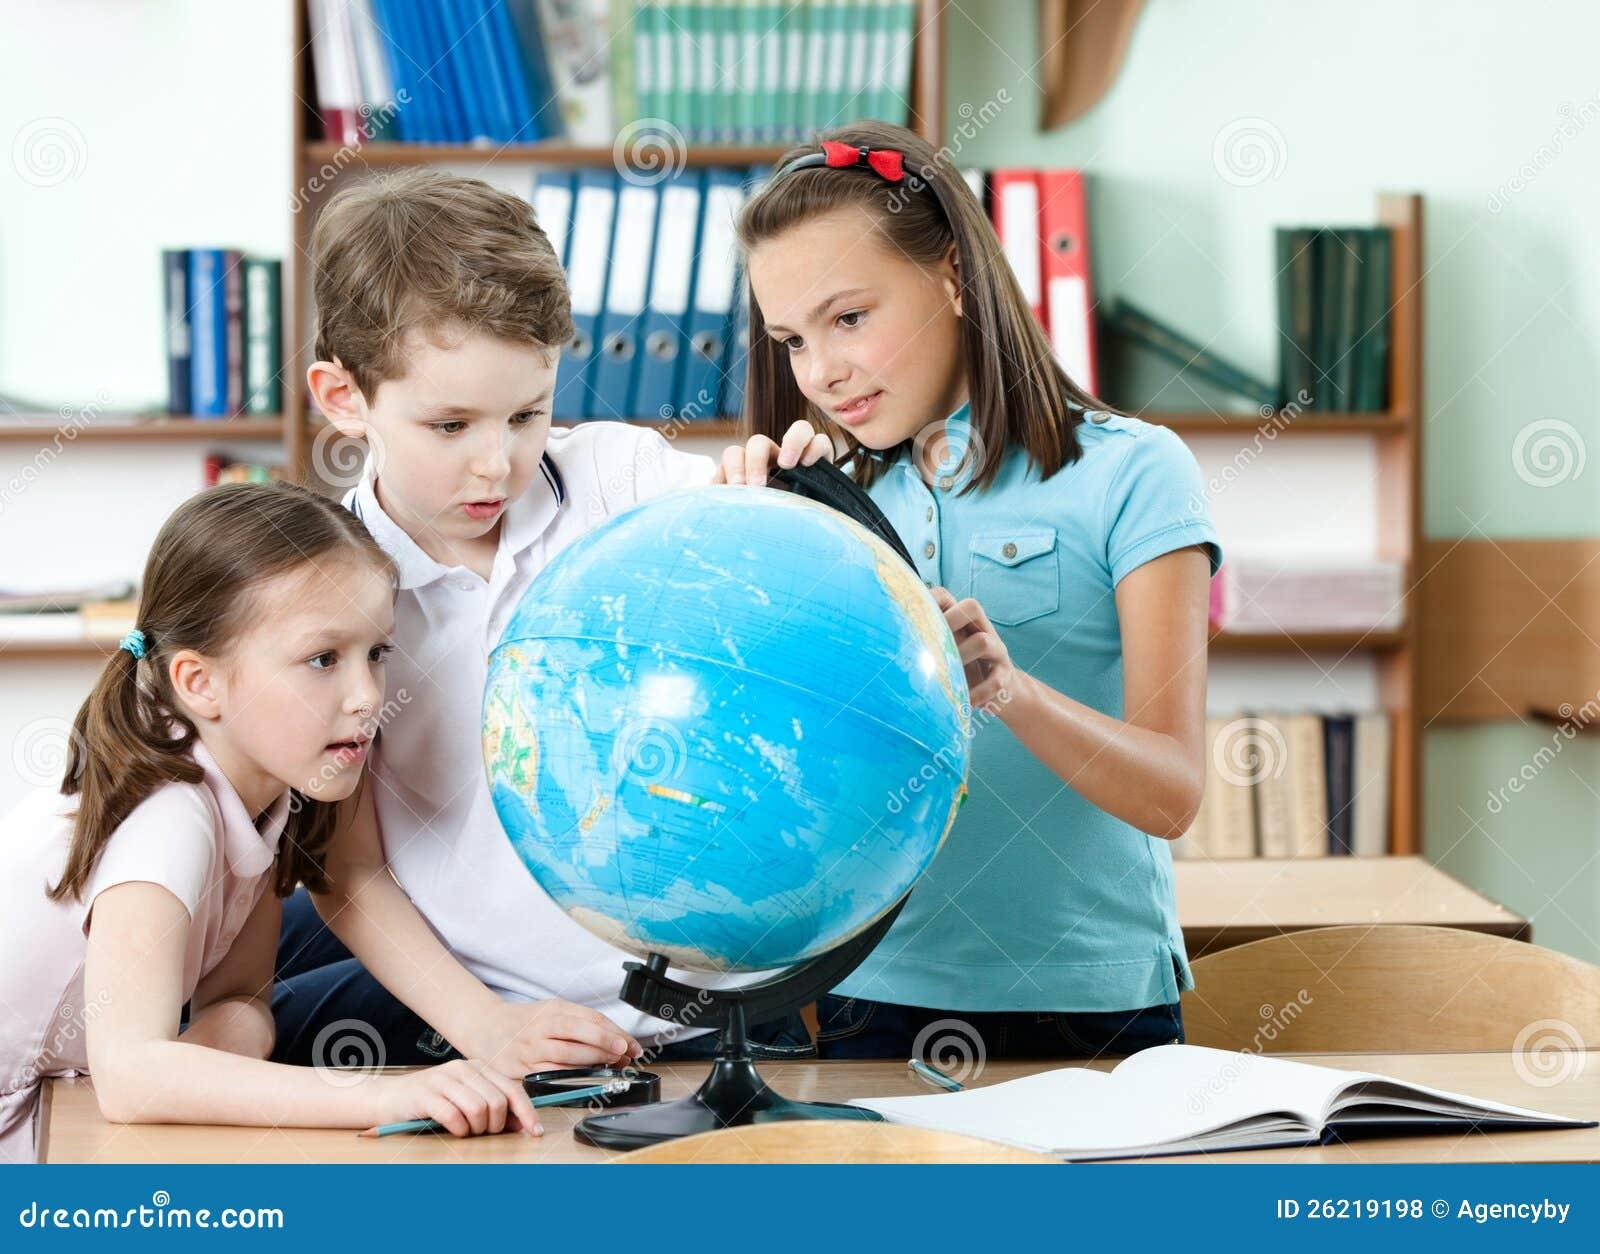 Фото захотела ученика 8 фотография